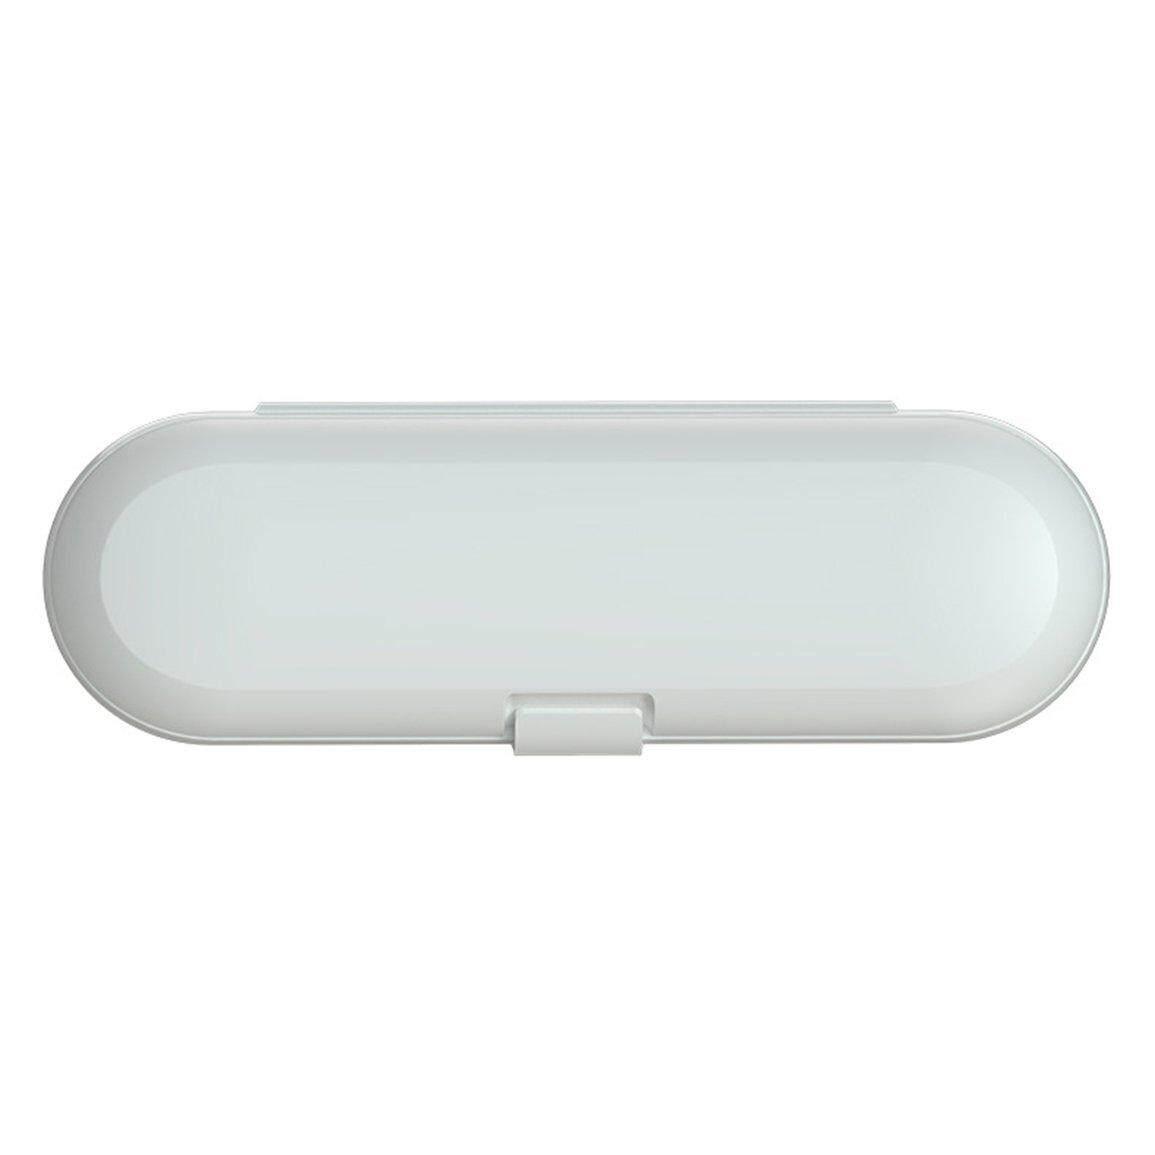 แปรงสีฟันไฟฟ้าเพื่อรอยยิ้มขาวสดใส พิจิตร ที่ดีที่สุดขายสำหรับ Philips ไฟฟ้า TOOT Hbrush กล่องแบบพกพา TOOT Hbrush กล่องเก็บของ